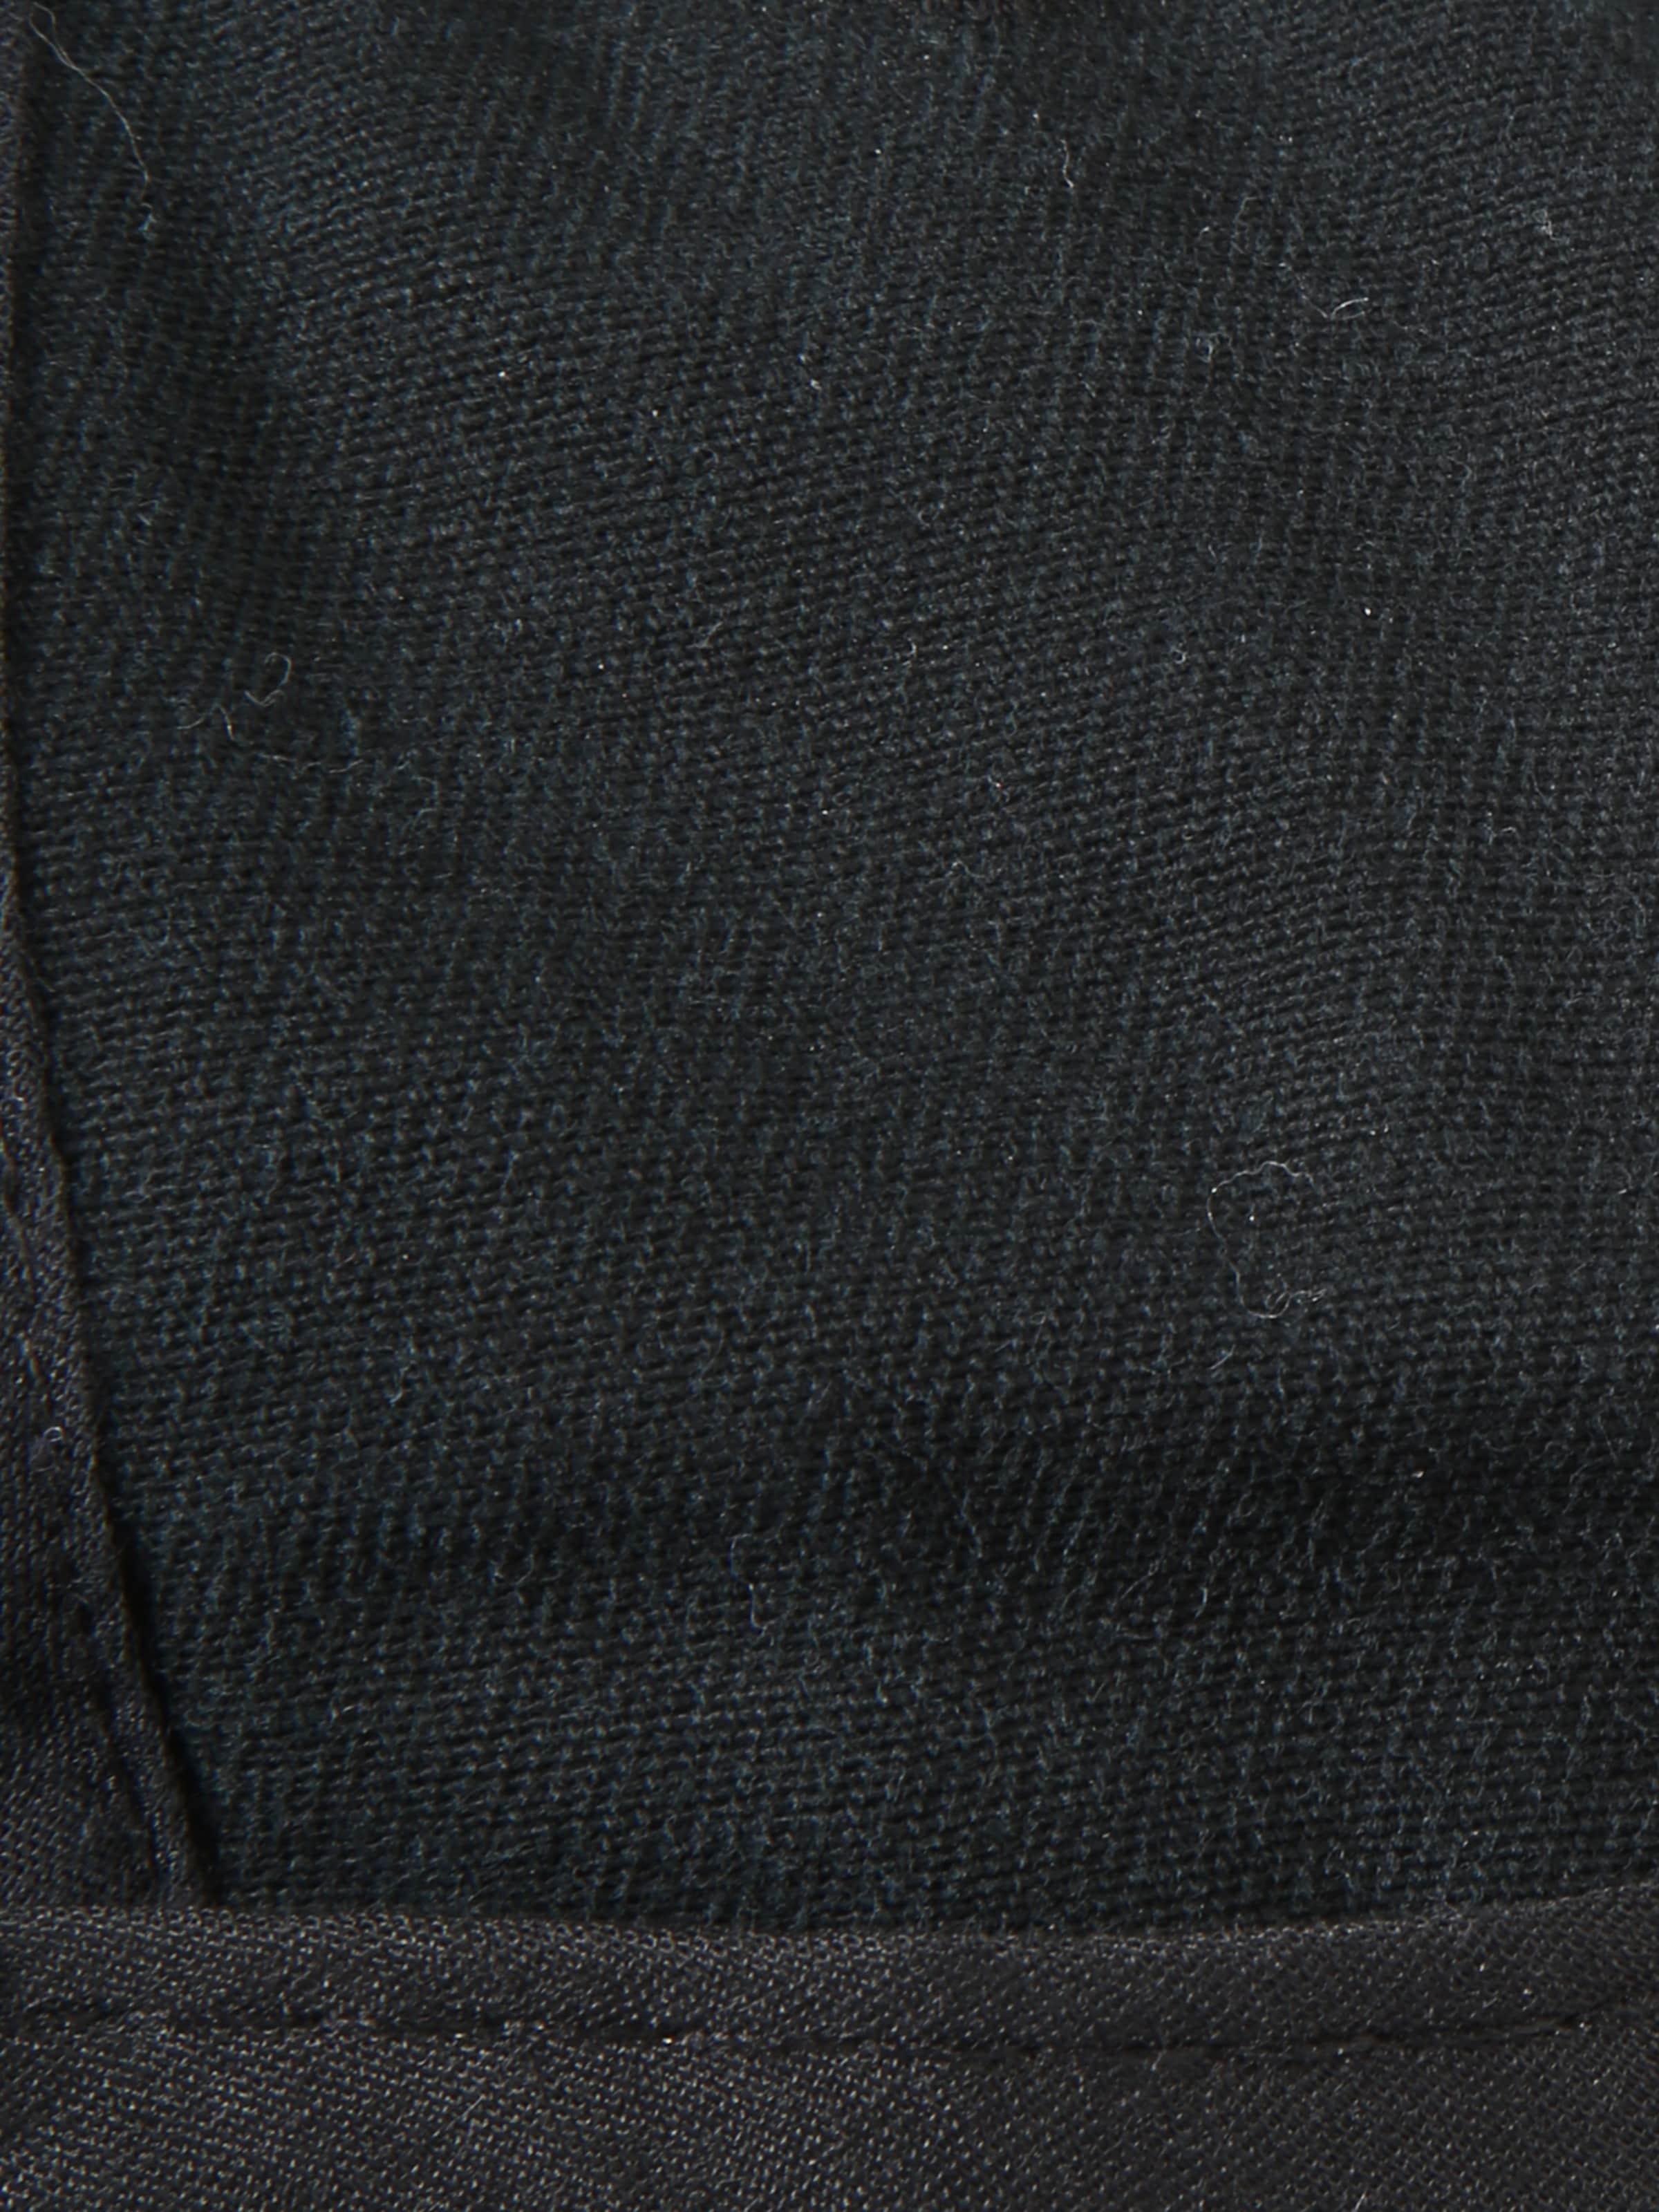 DEUS EX MACHINA Kappe 'Temple Worm' Qualität Günstig Kaufen Am Besten Günstig Kaufen Breite Palette Von Suche Nach Günstiger Online Top-Qualität Verkauf Online CRvdcsp